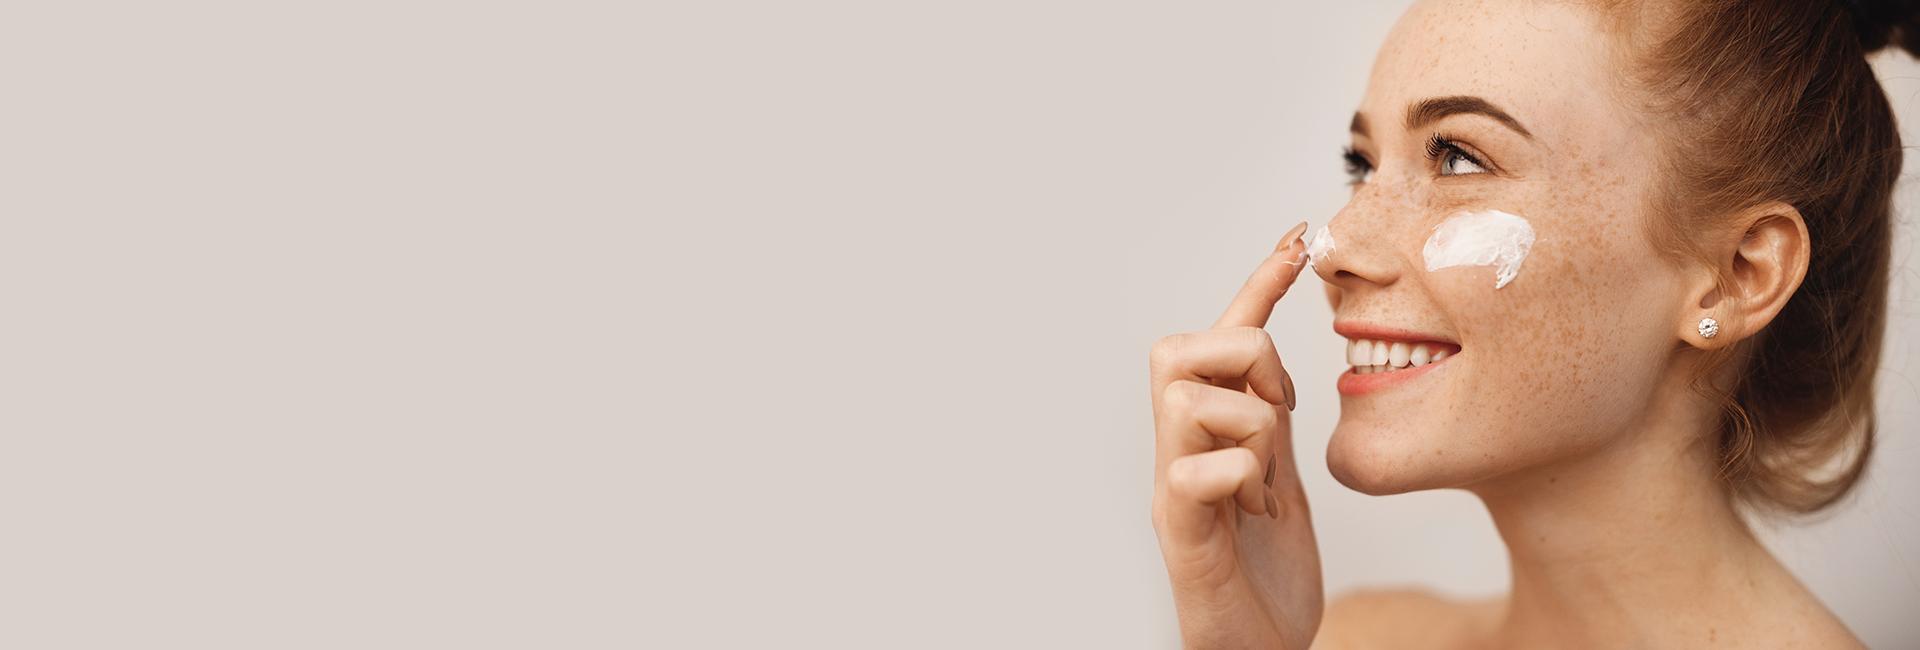 Imamo odgovor na najvažnije beauty pitanje: Kako pronaći Onu Pravu (kremu za lice)?